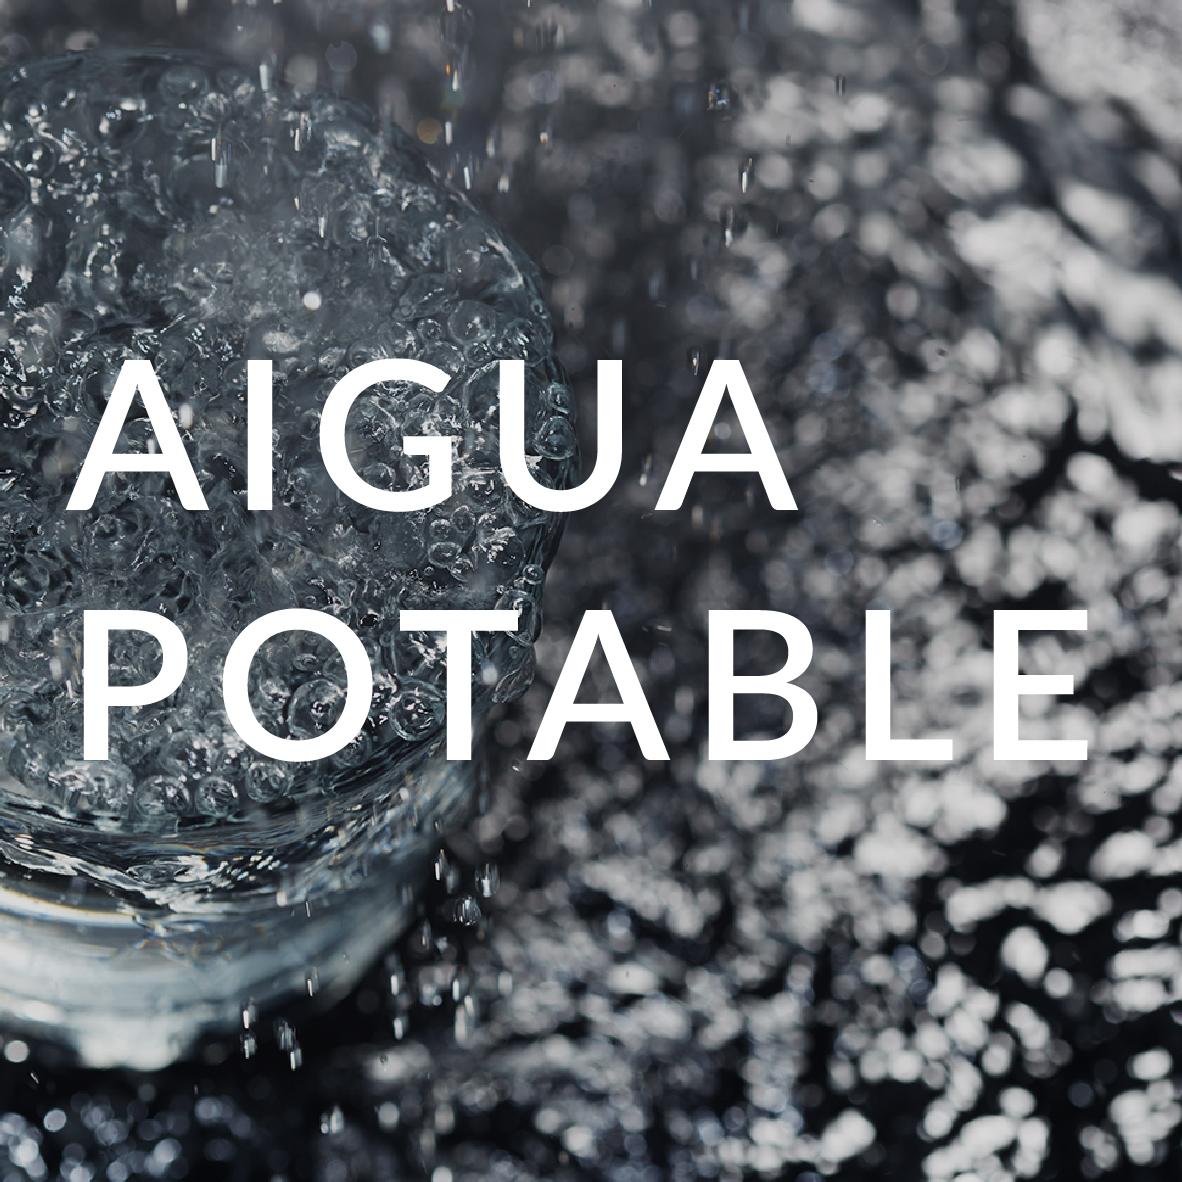 Serveis Aigua potable AREMA